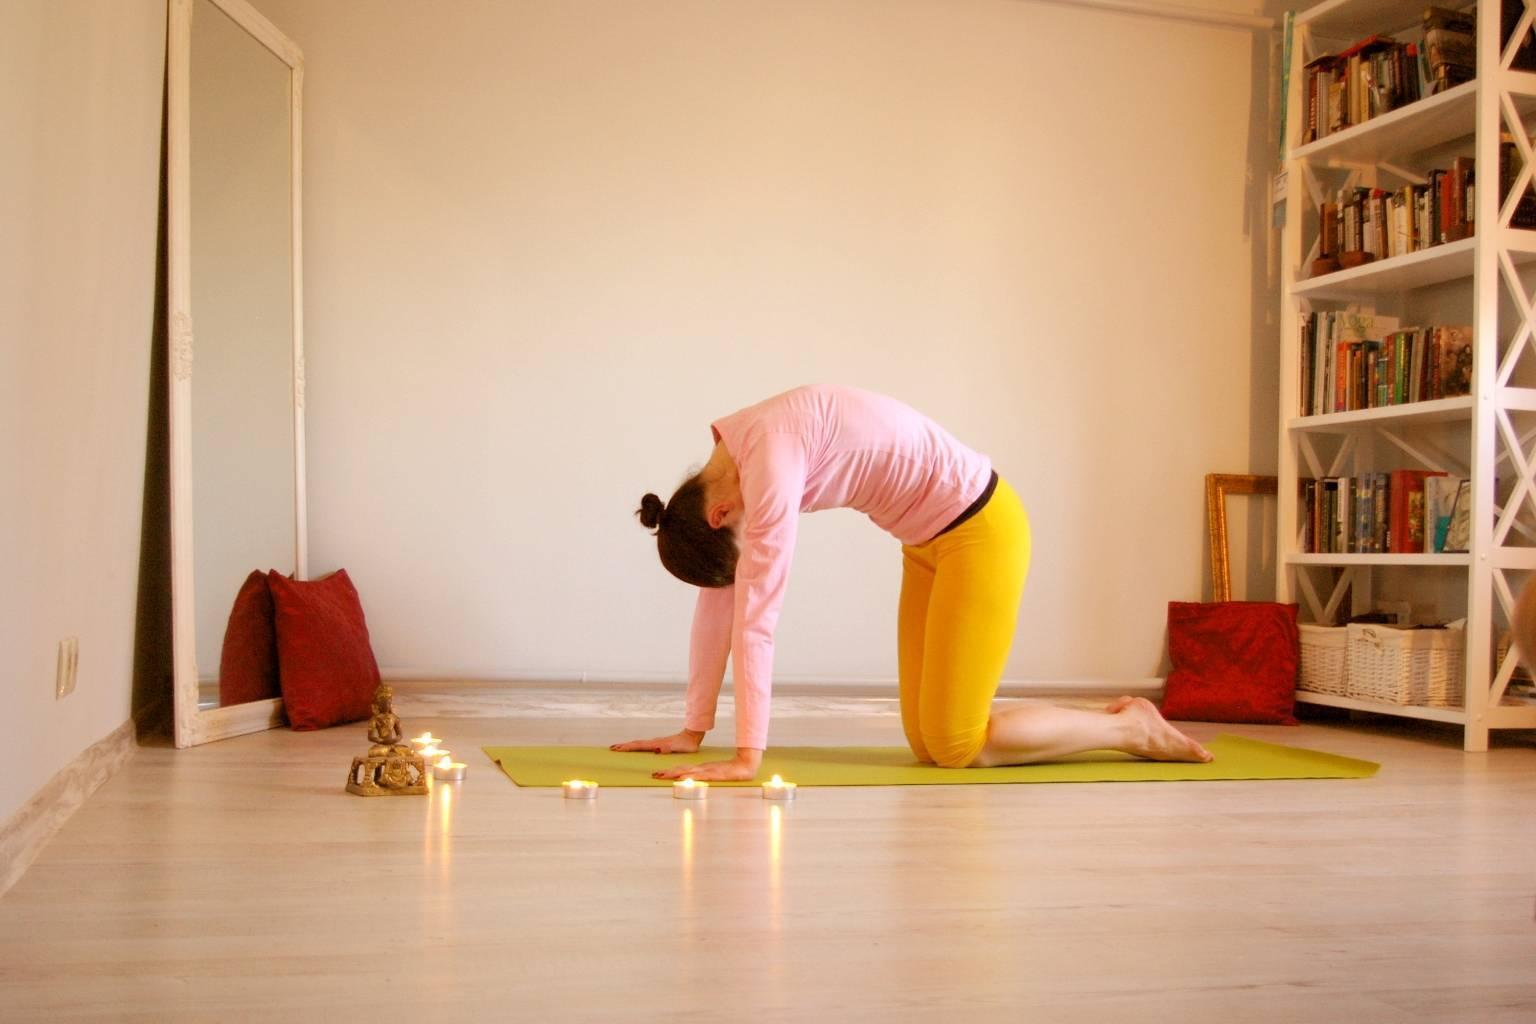 Йога при депрессии – действительно ли помогает йога при депрессии, читай советы здесь | психологические тренинги и курсы он-лайн. системно-векторная психология | юрий бурлан